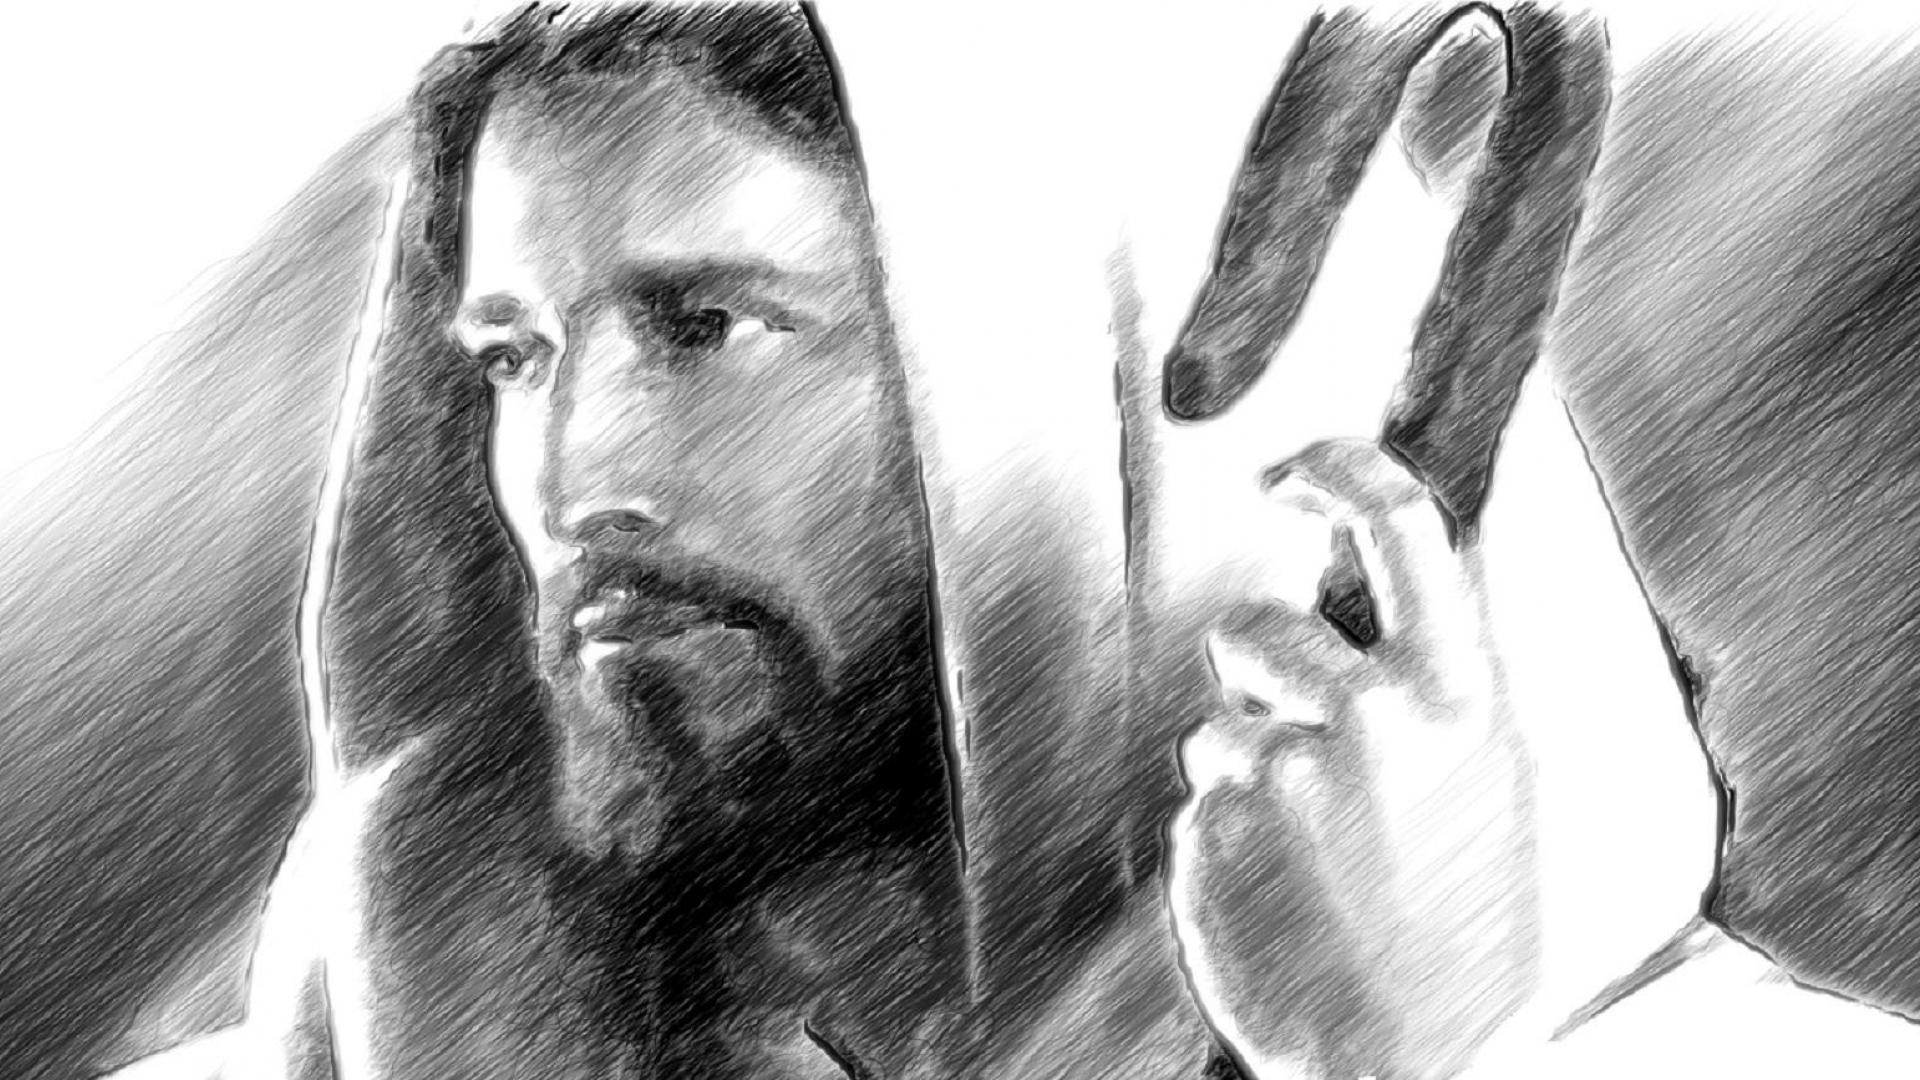 Hd Jesus Christ S Hd Wallpaper